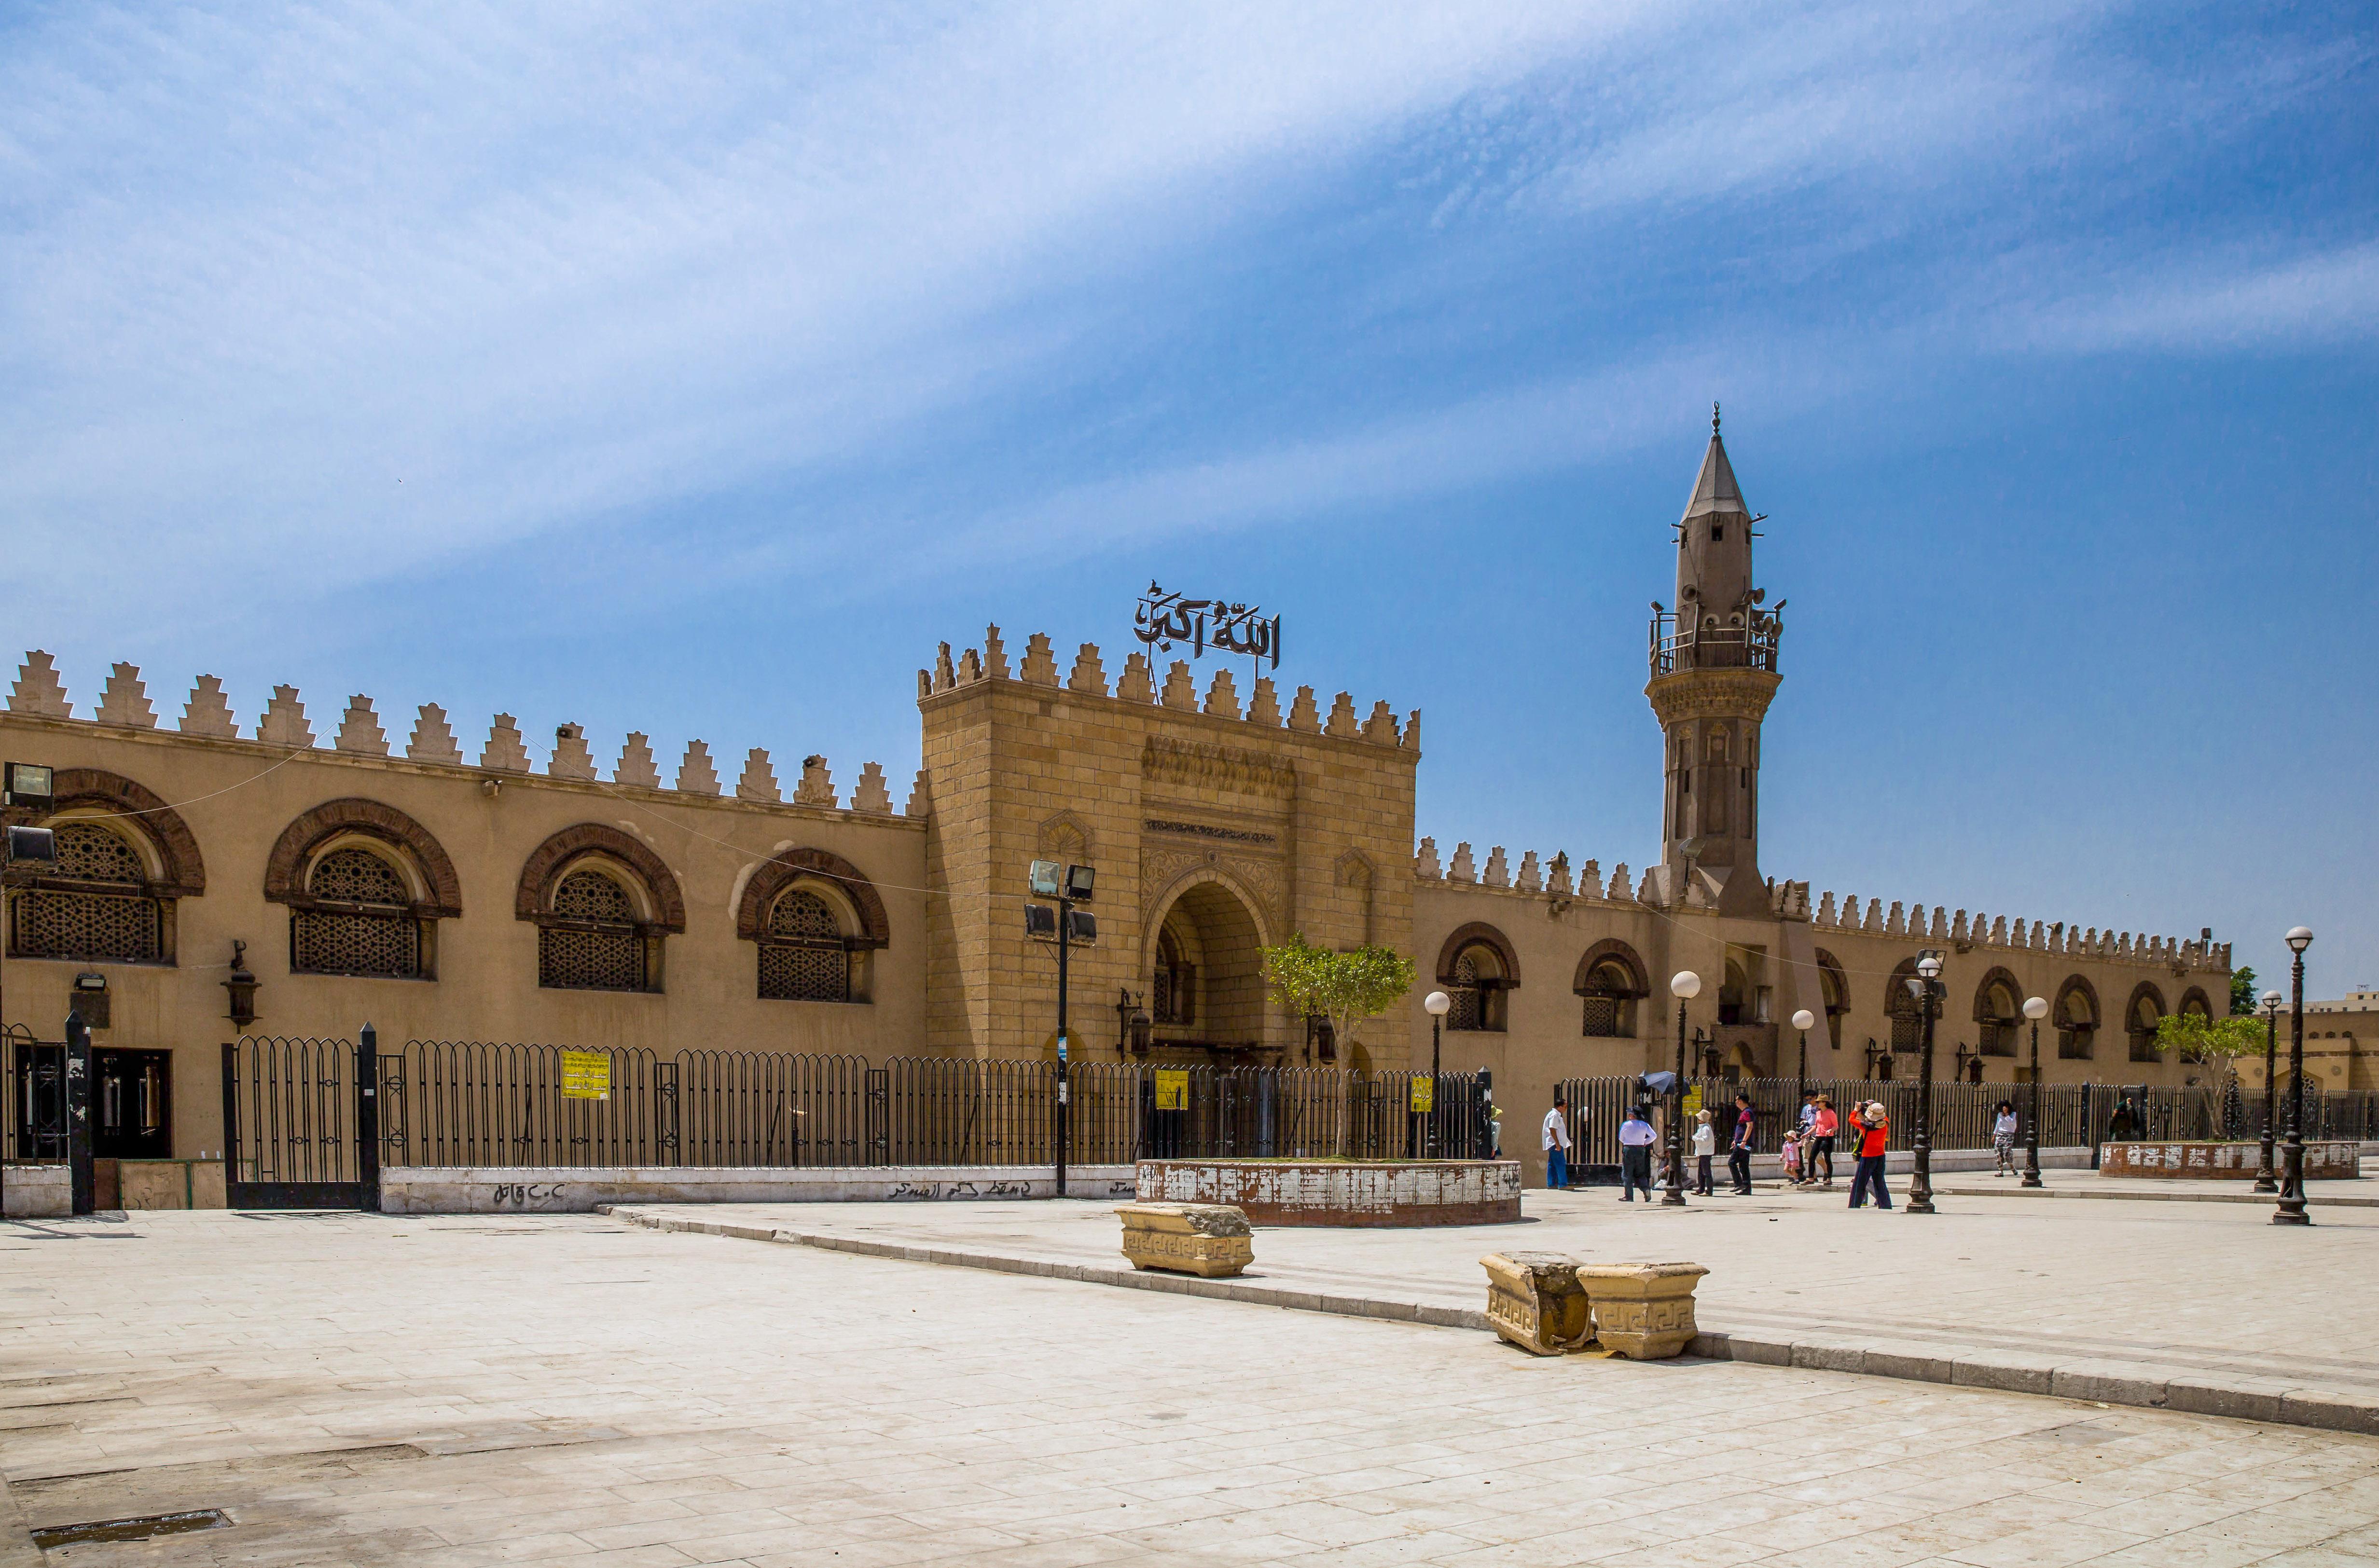 爱资哈尔清真寺  Al-Azhar Mosque   -3